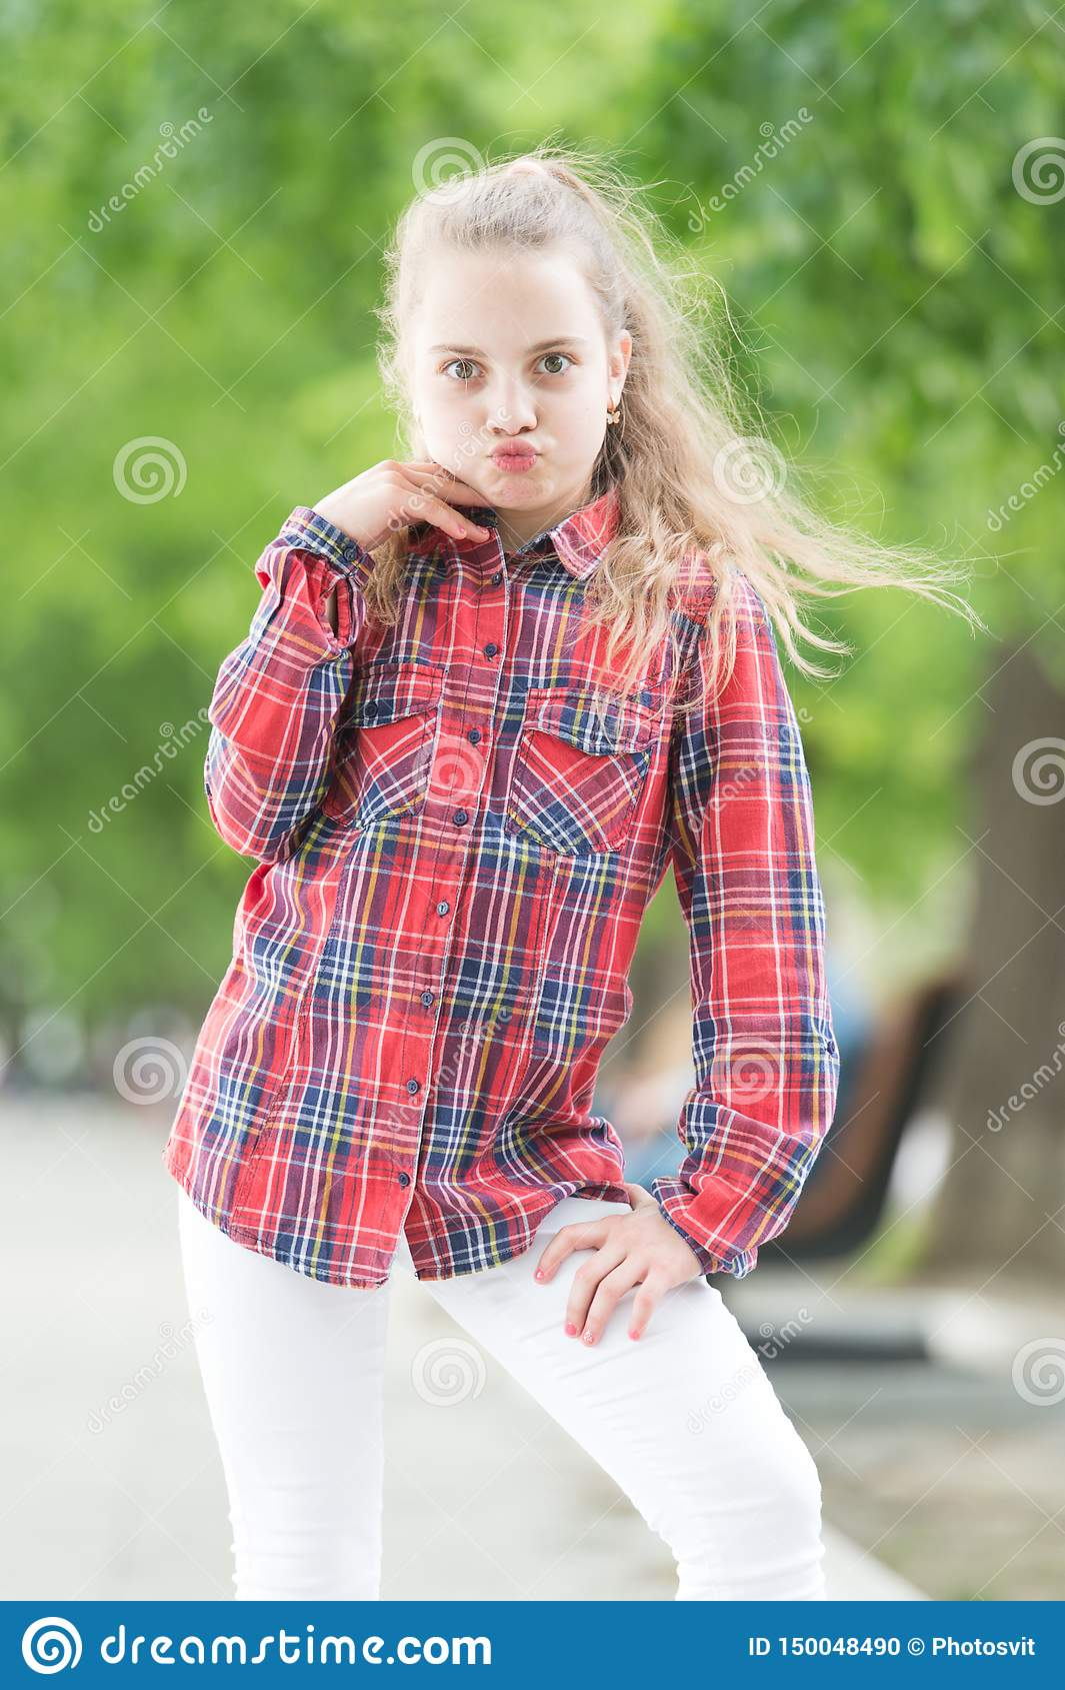 Поколение моды Прелестная девушка рубашки шотландки моды нося на летний день Модный маленький ребенок в случайном